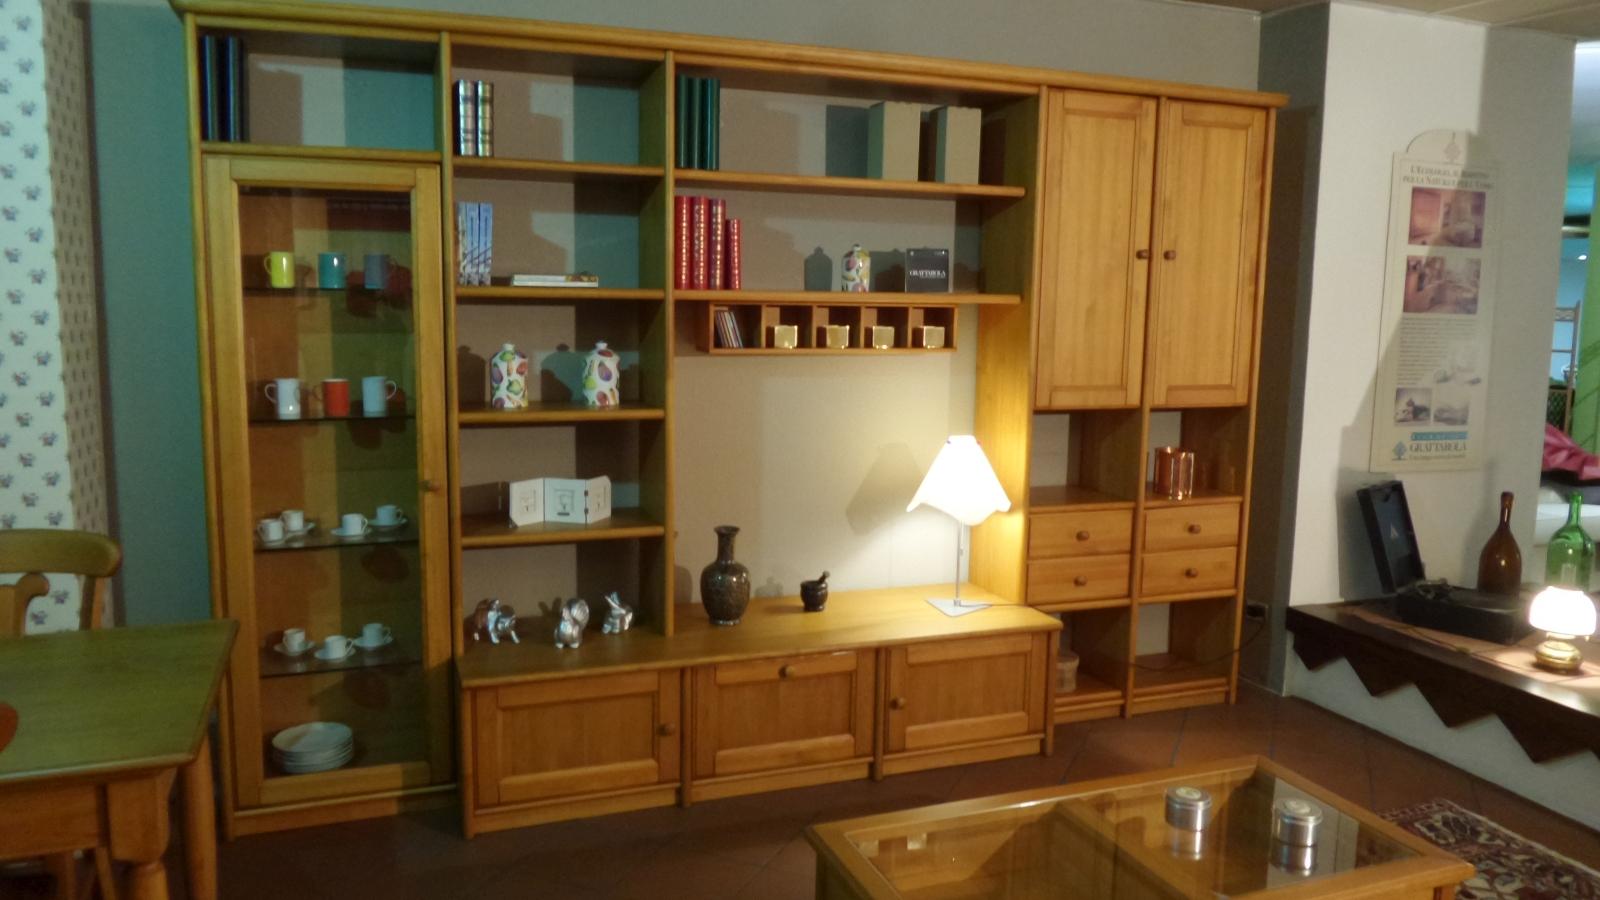 Soggiorno legno una collezione di idee per idee di for Mobili soggiorno legno